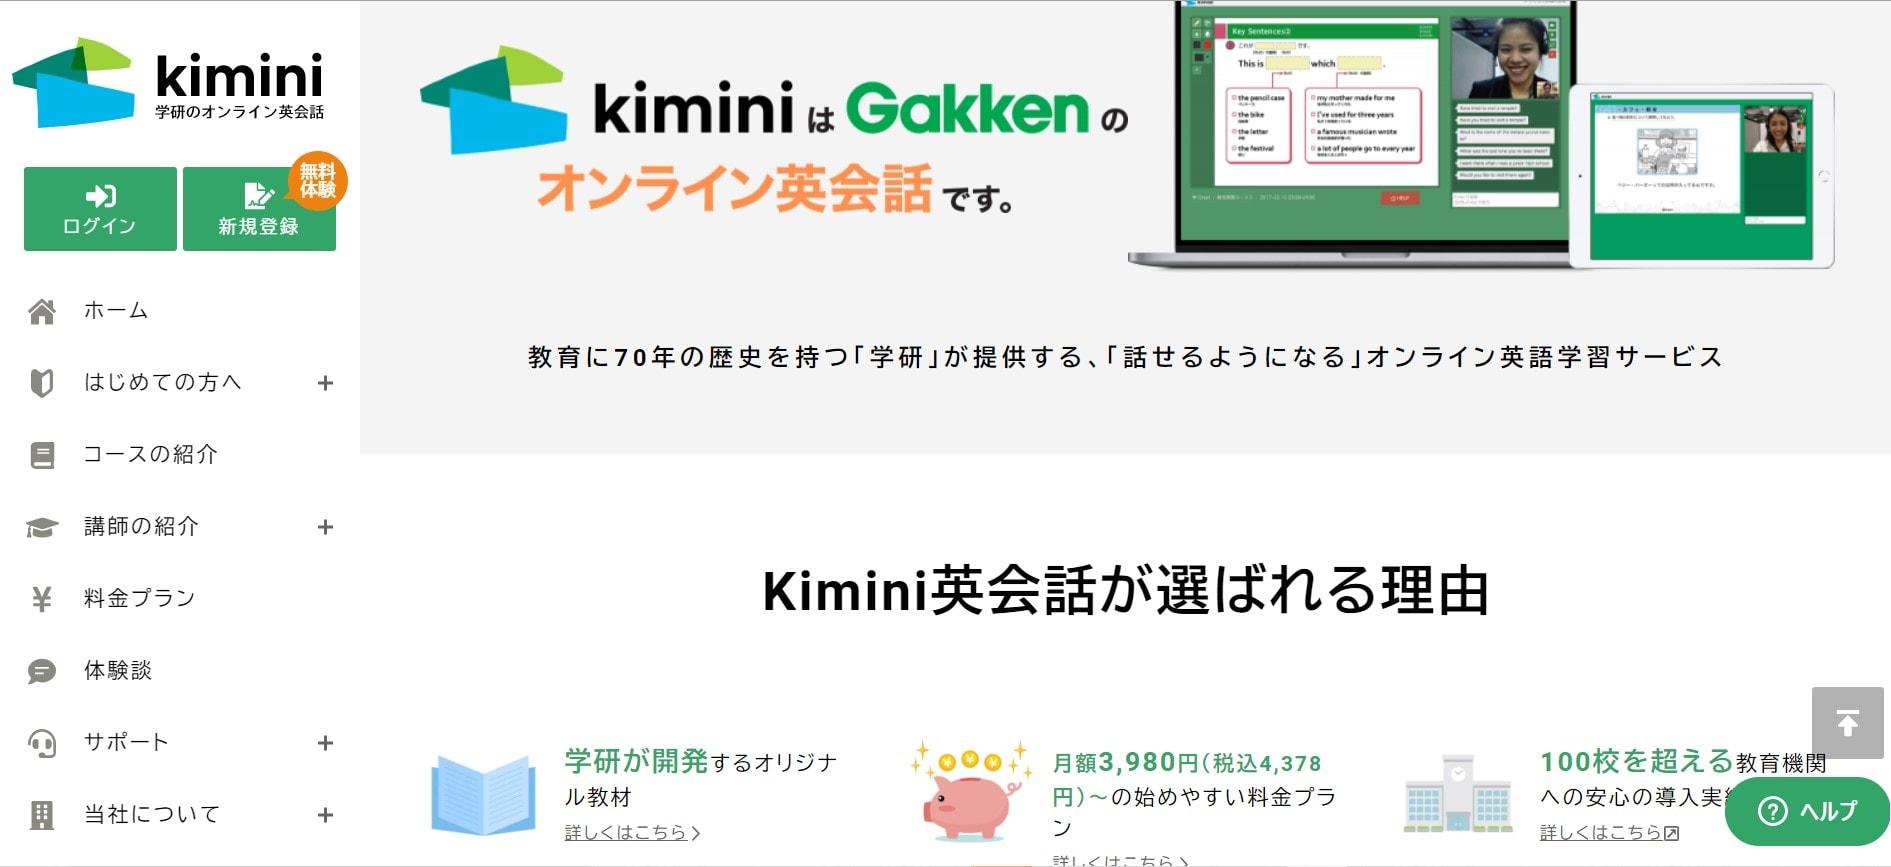 kimini英会話のトップページ